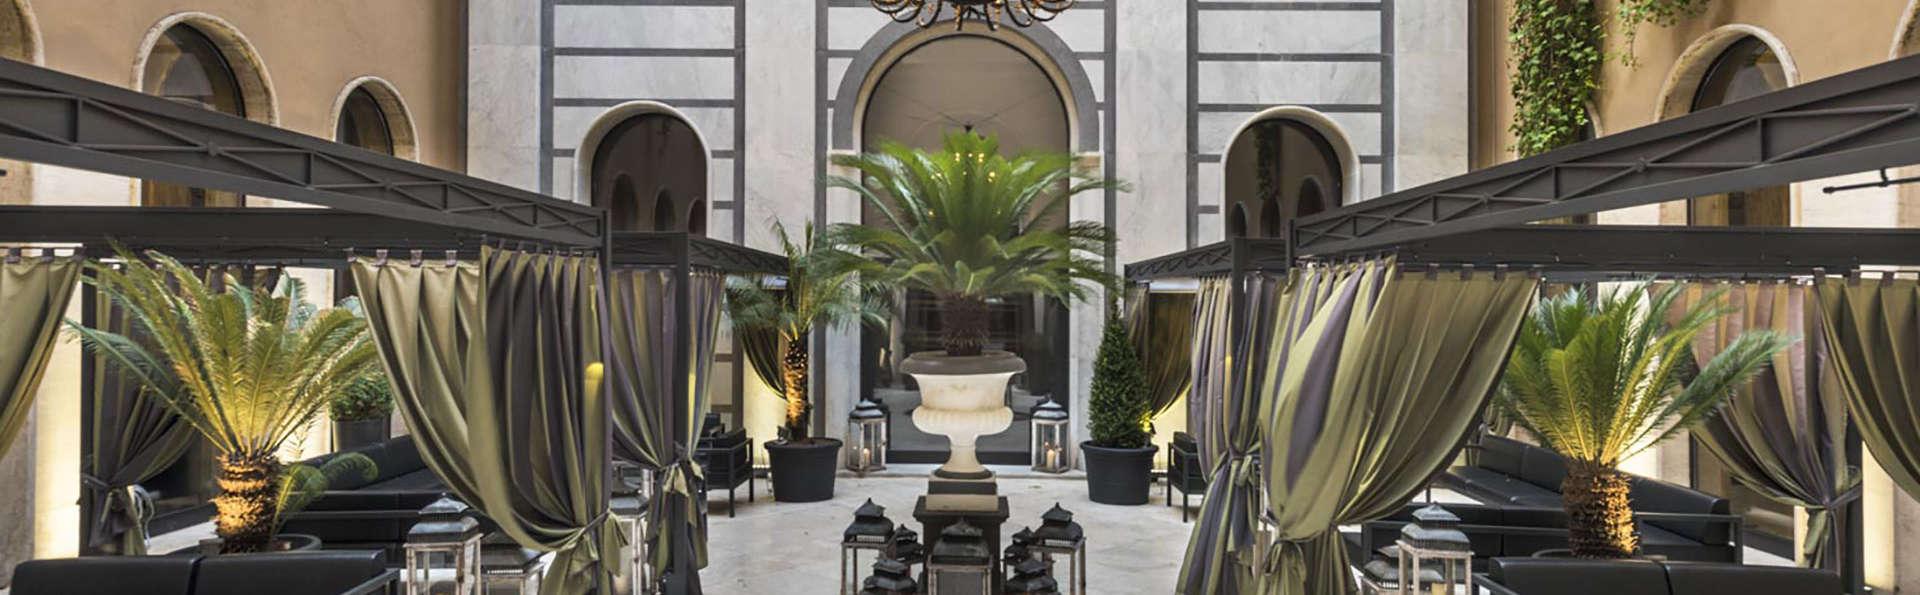 Escapade dans un palais à Rome pour un prix exceptionnel (à partir de 2 nuits)